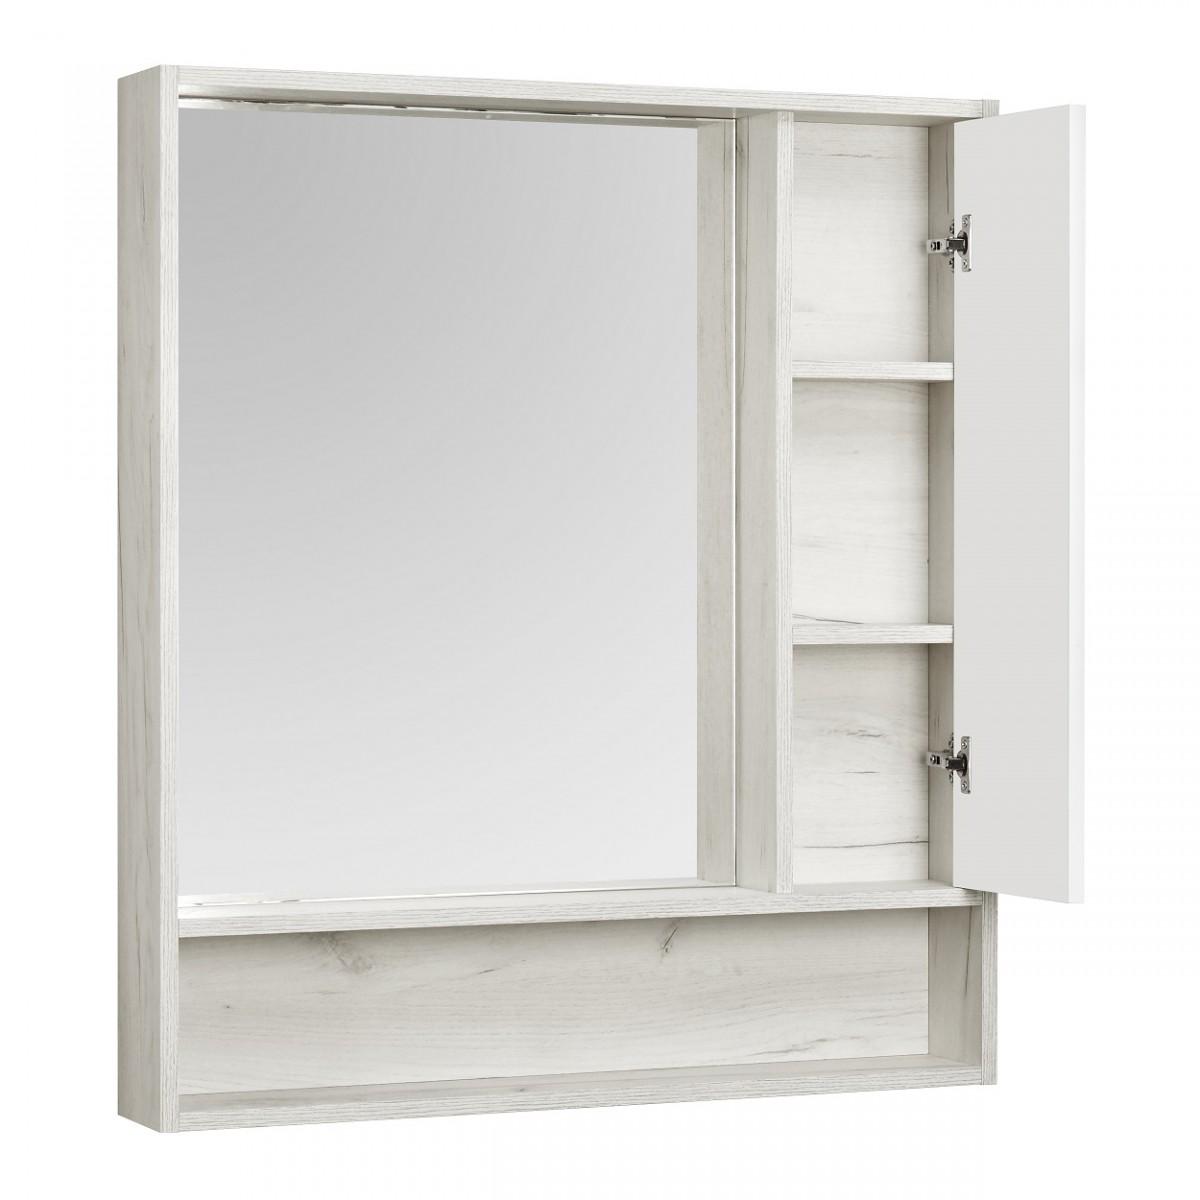 Зеркальный шкаф Акватон Флай 80